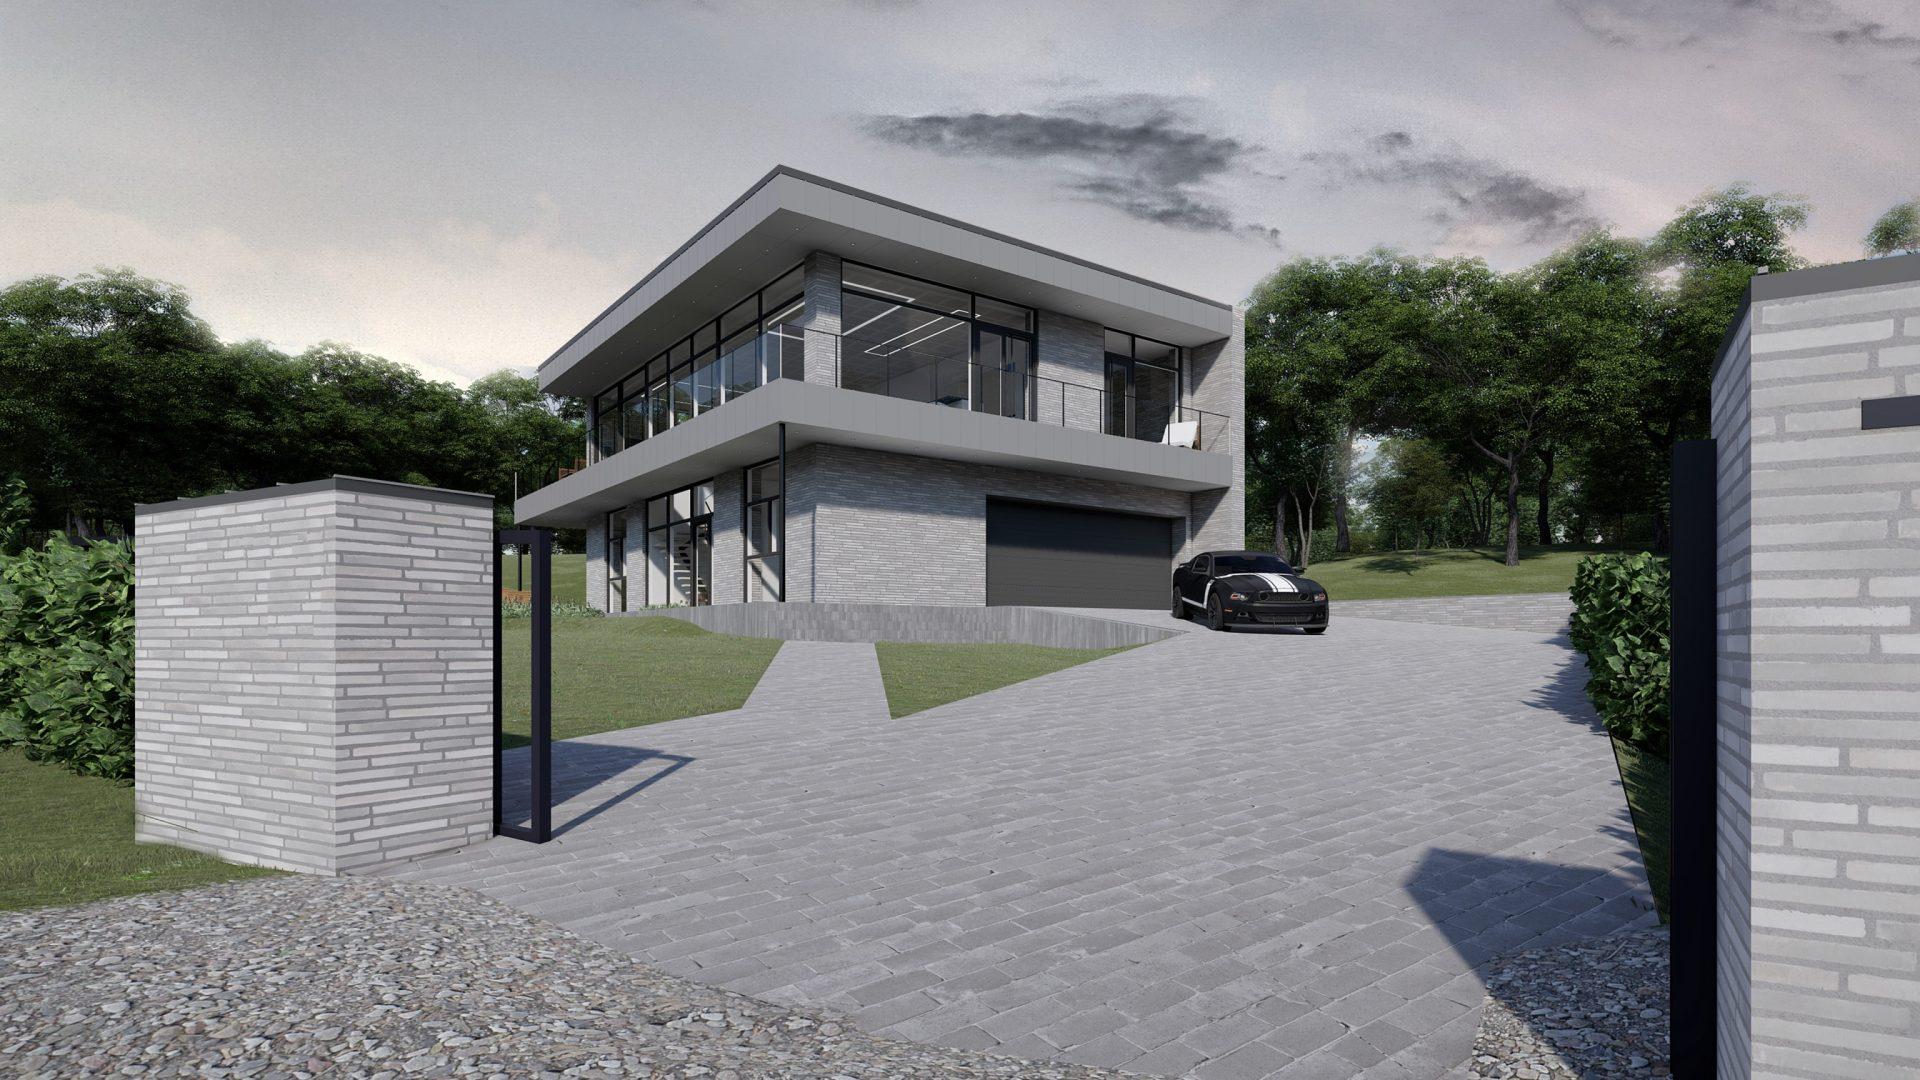 Nybyggeri Aalborg, Århus , Nordjylland, nyt hus i Aalborg